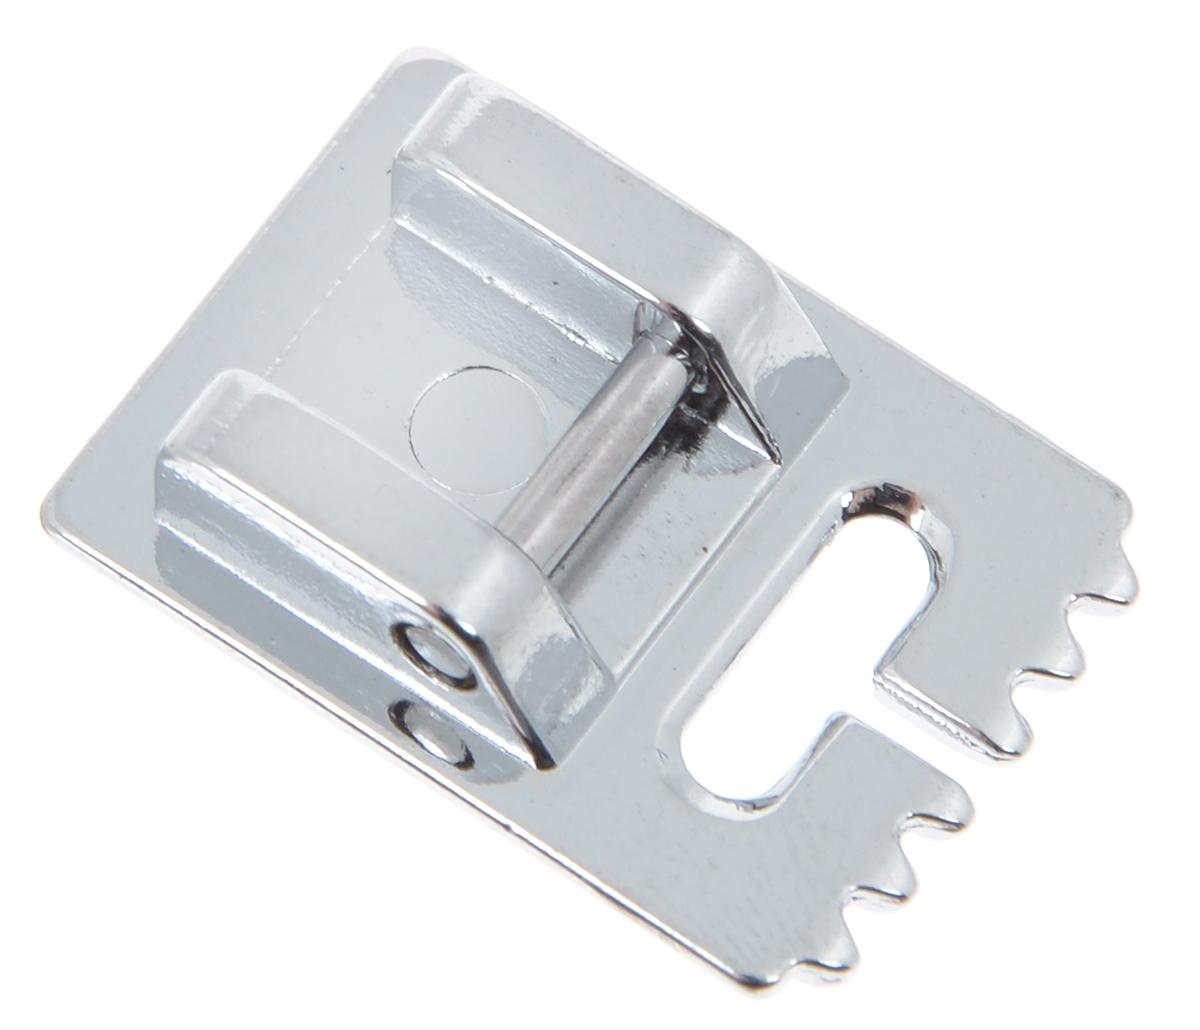 Лапка для швейной машины Aurora, для защиповFTH 72Лапка для швейной машины Aurora в сочетании с двойной иглой позволит прошить параллельные защипы на изделиях. Их также можно комбинировать с декоративными строчками. Подходит для большинства современных бытовых швейных машин. Инструкция по использованию прилагается.